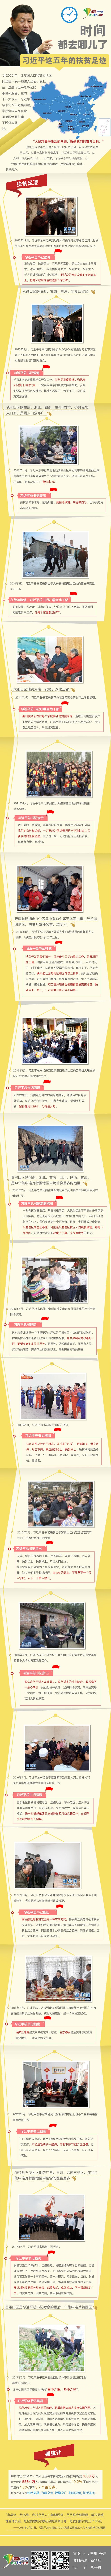 黄坤明:更好满足新时代人民群众的精神文化需求